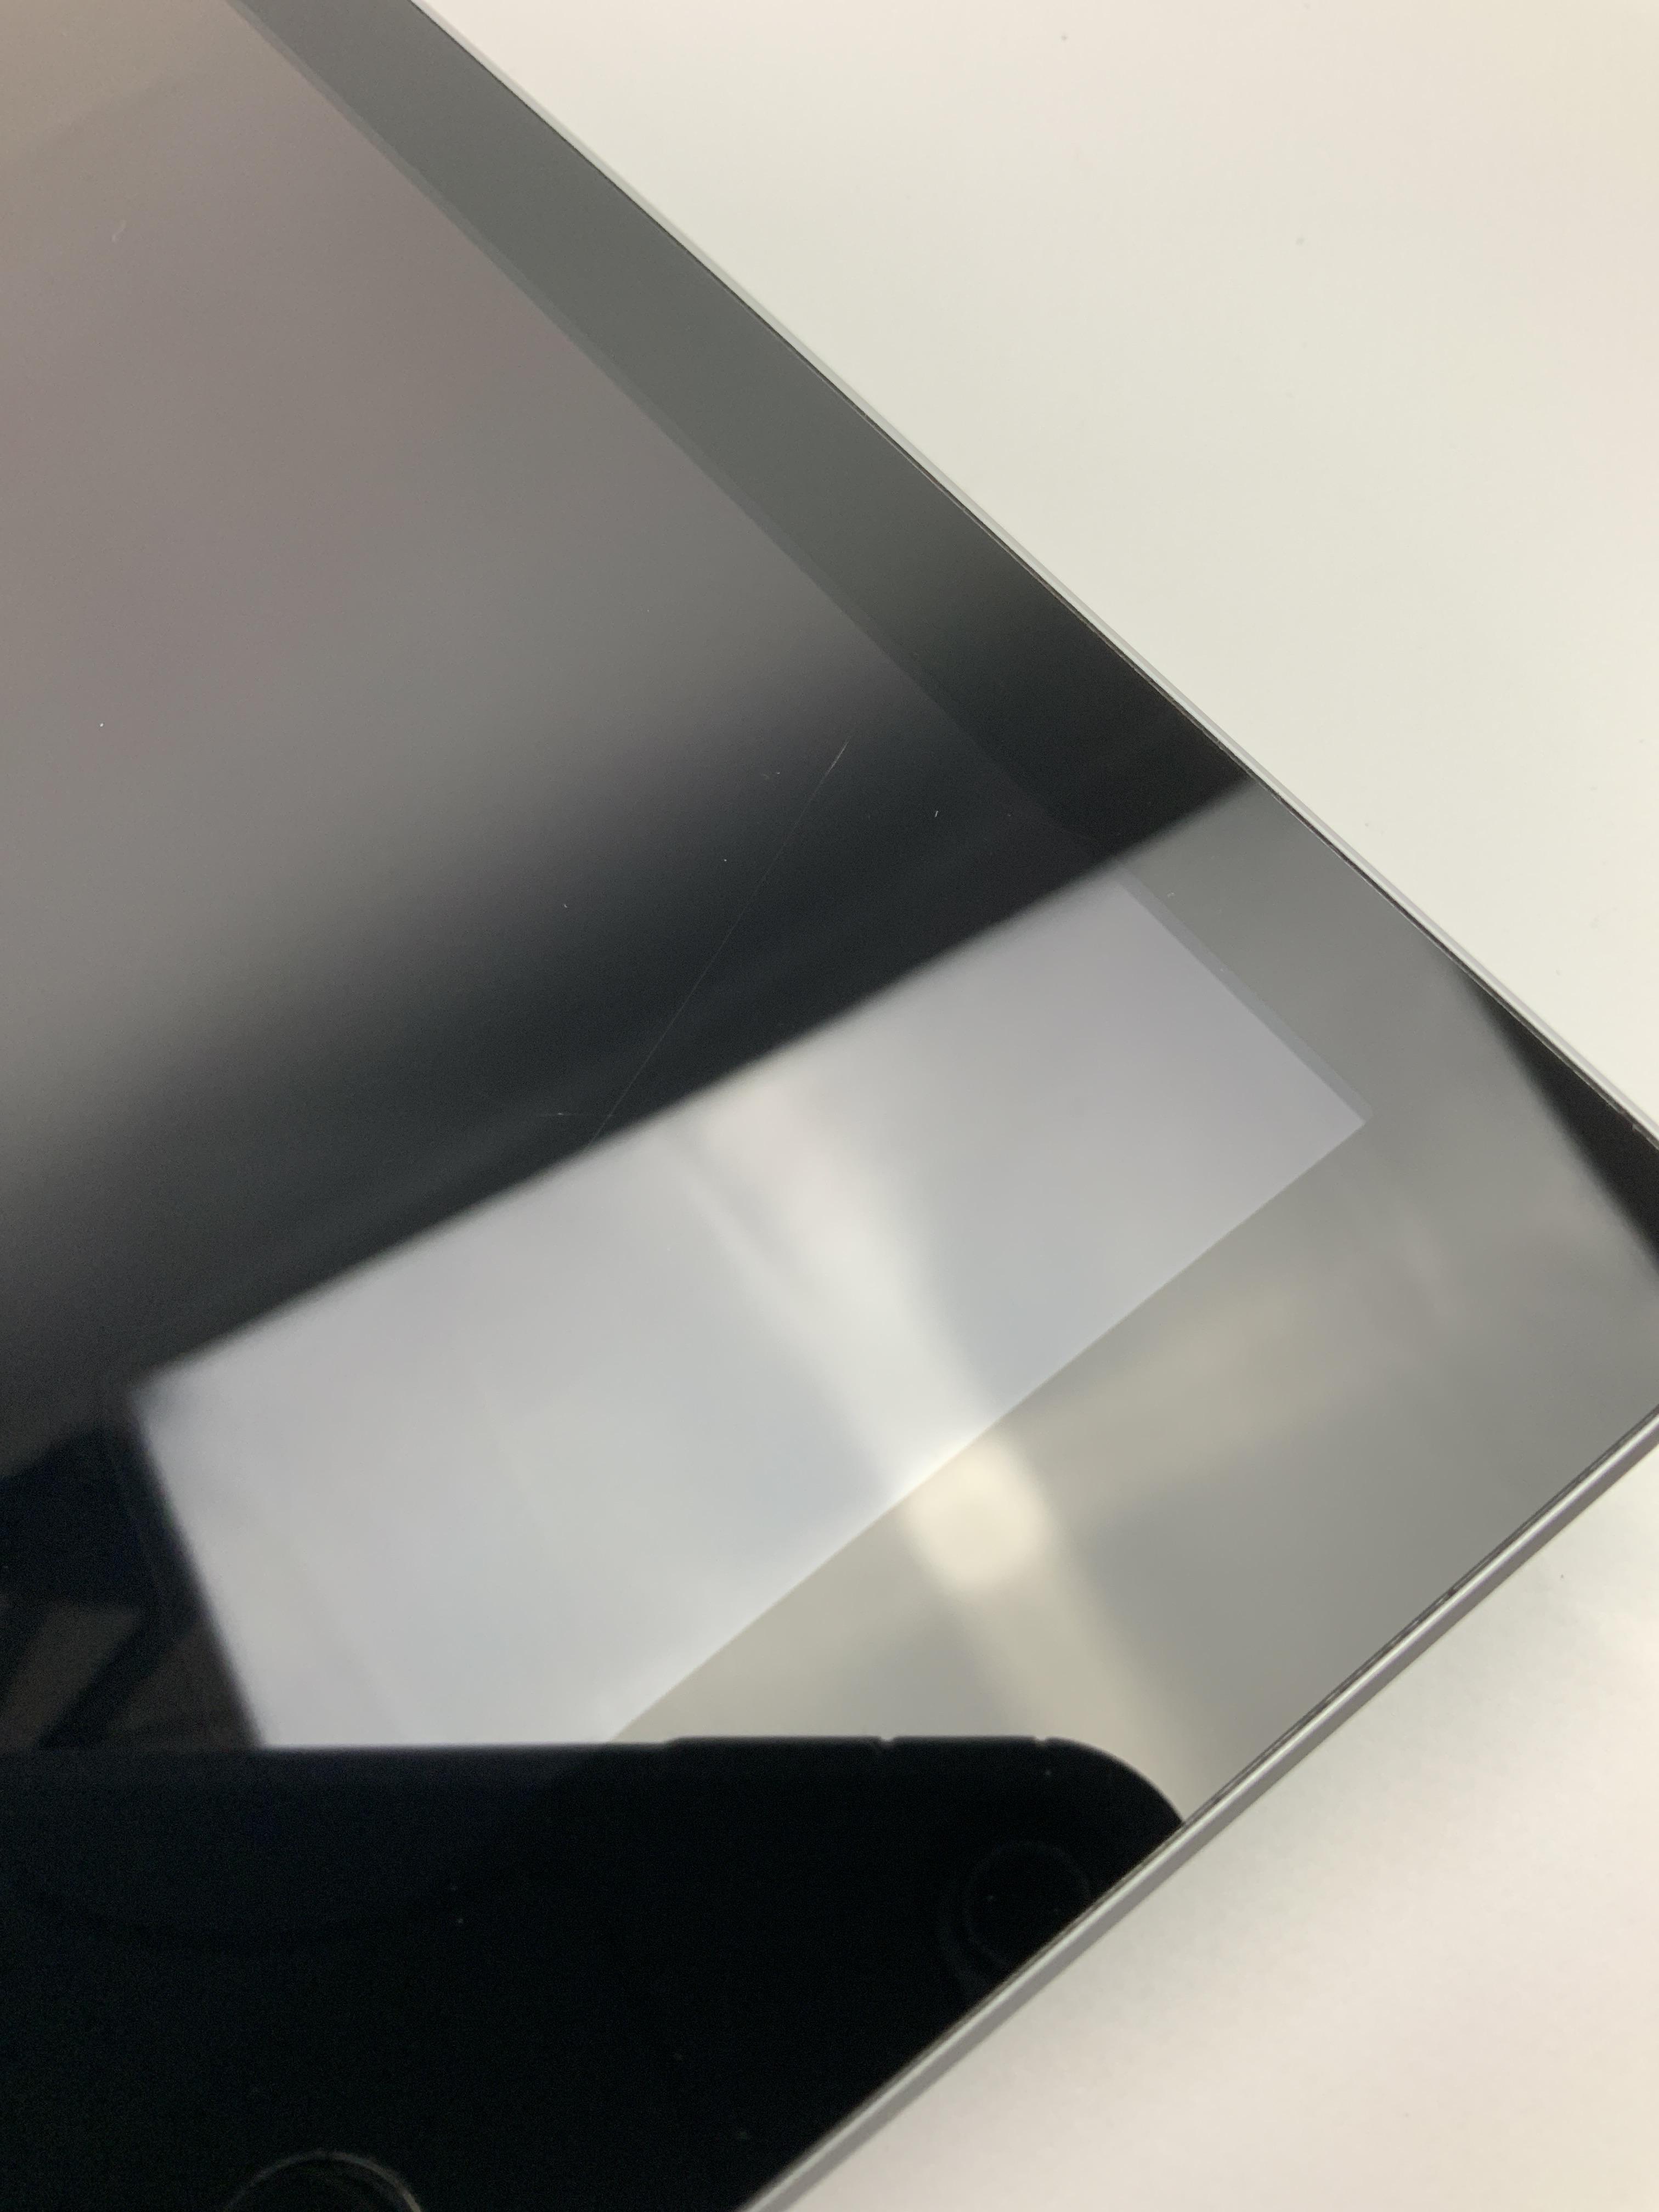 iPad 6 Wi-Fi 32GB, 32GB, Space Gray, Afbeelding 4